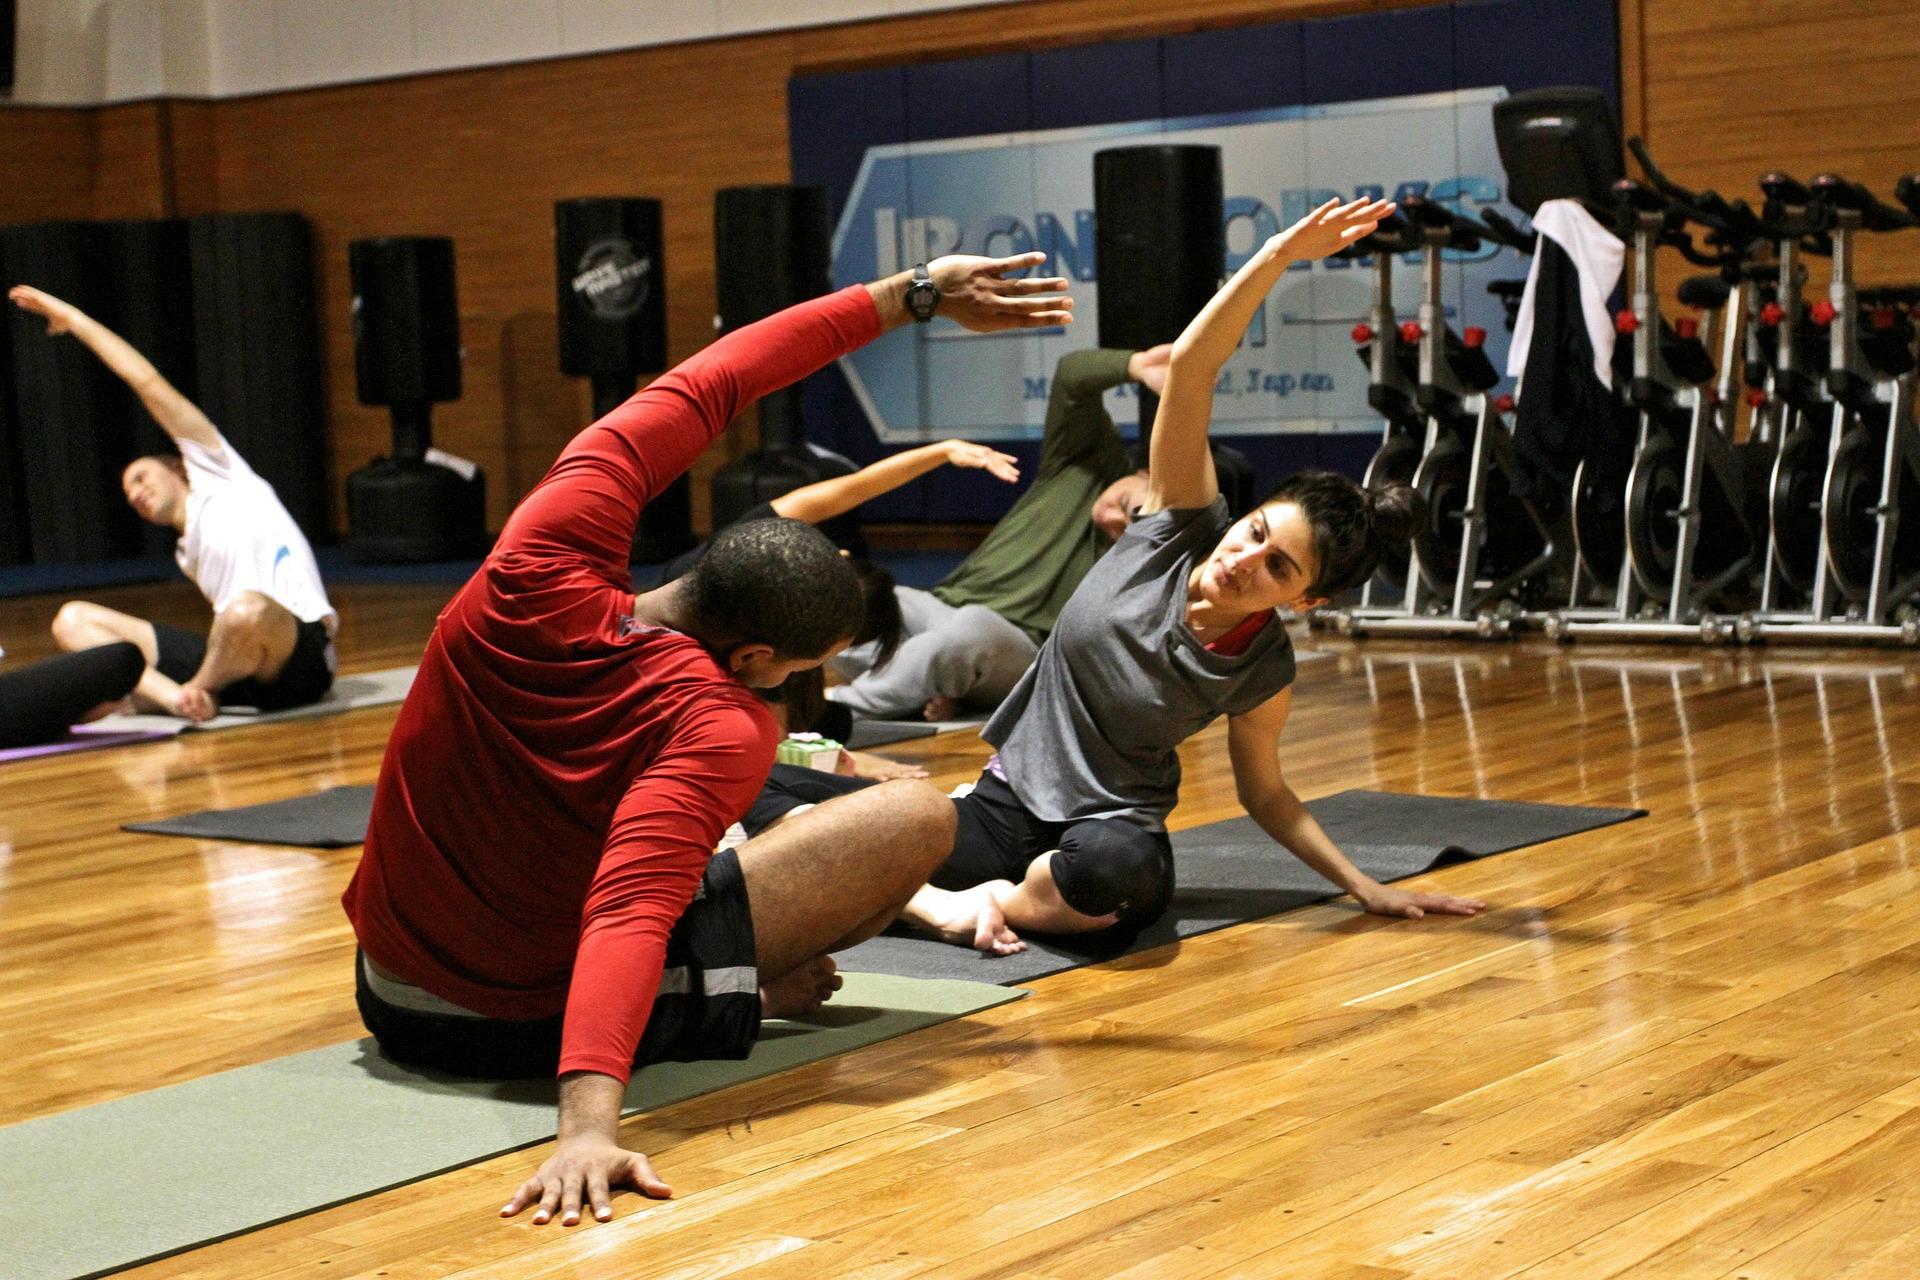 exercise-86200_1920.jpg